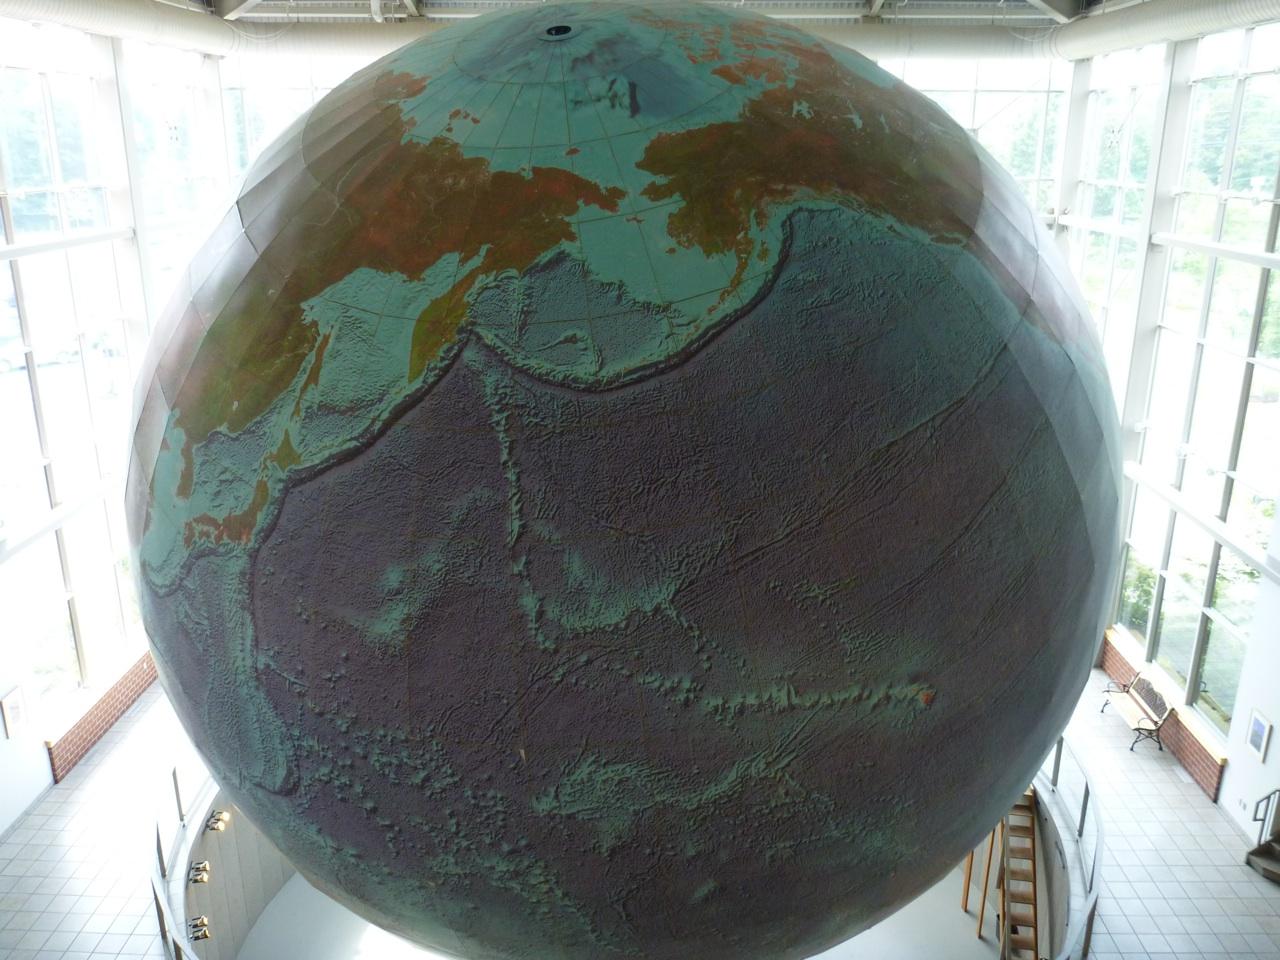 Eartha, The Giant Globe At DeLORME